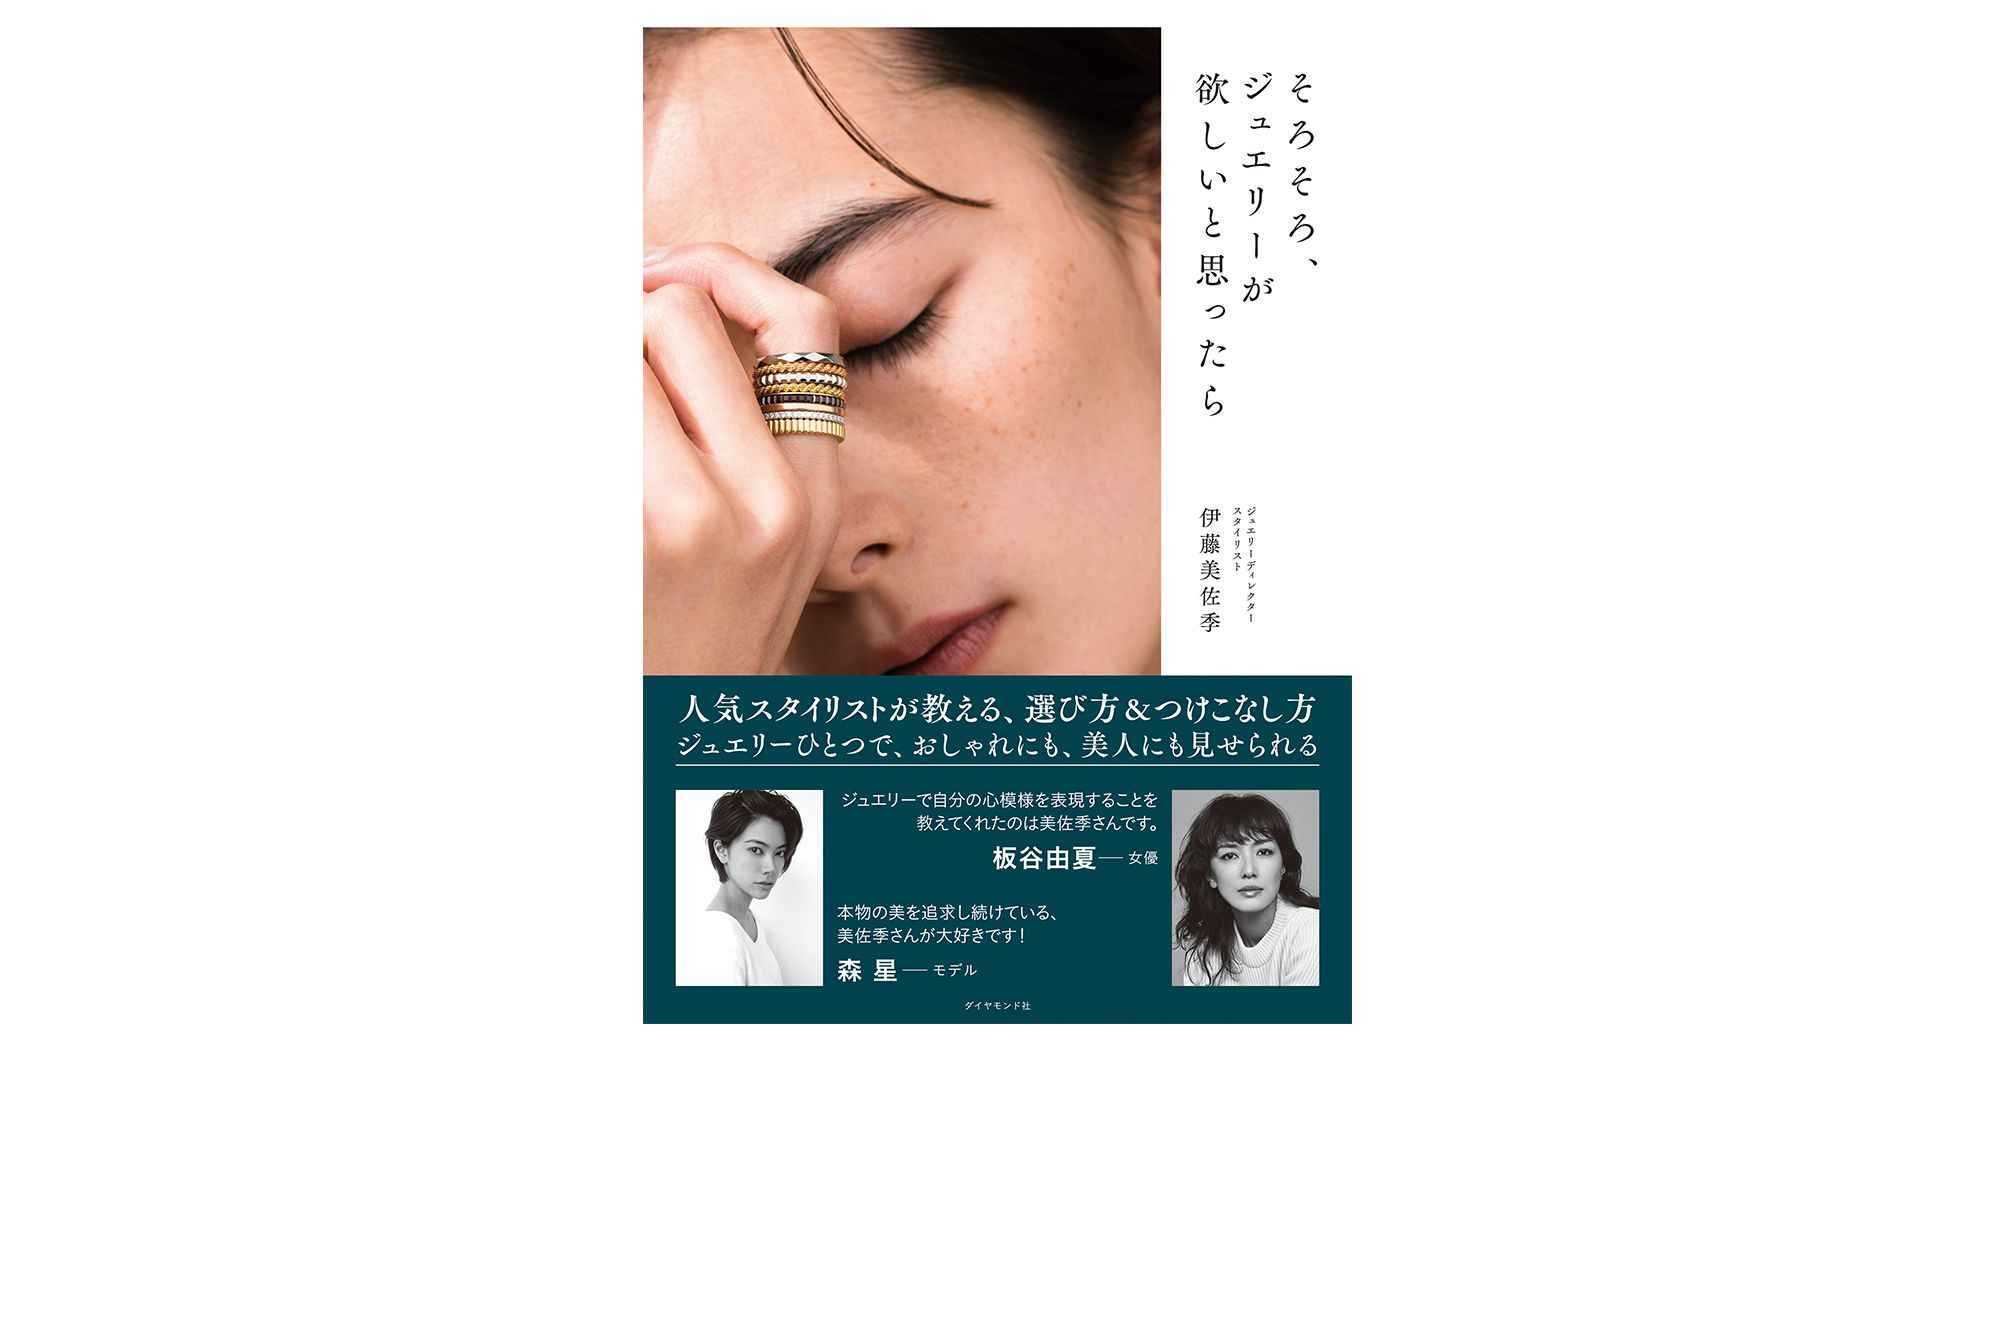 「そろそろ、ジュエリーが欲しいと思ったら」 伊藤美佐季著 ダイヤモンド社 1,500円(税別)